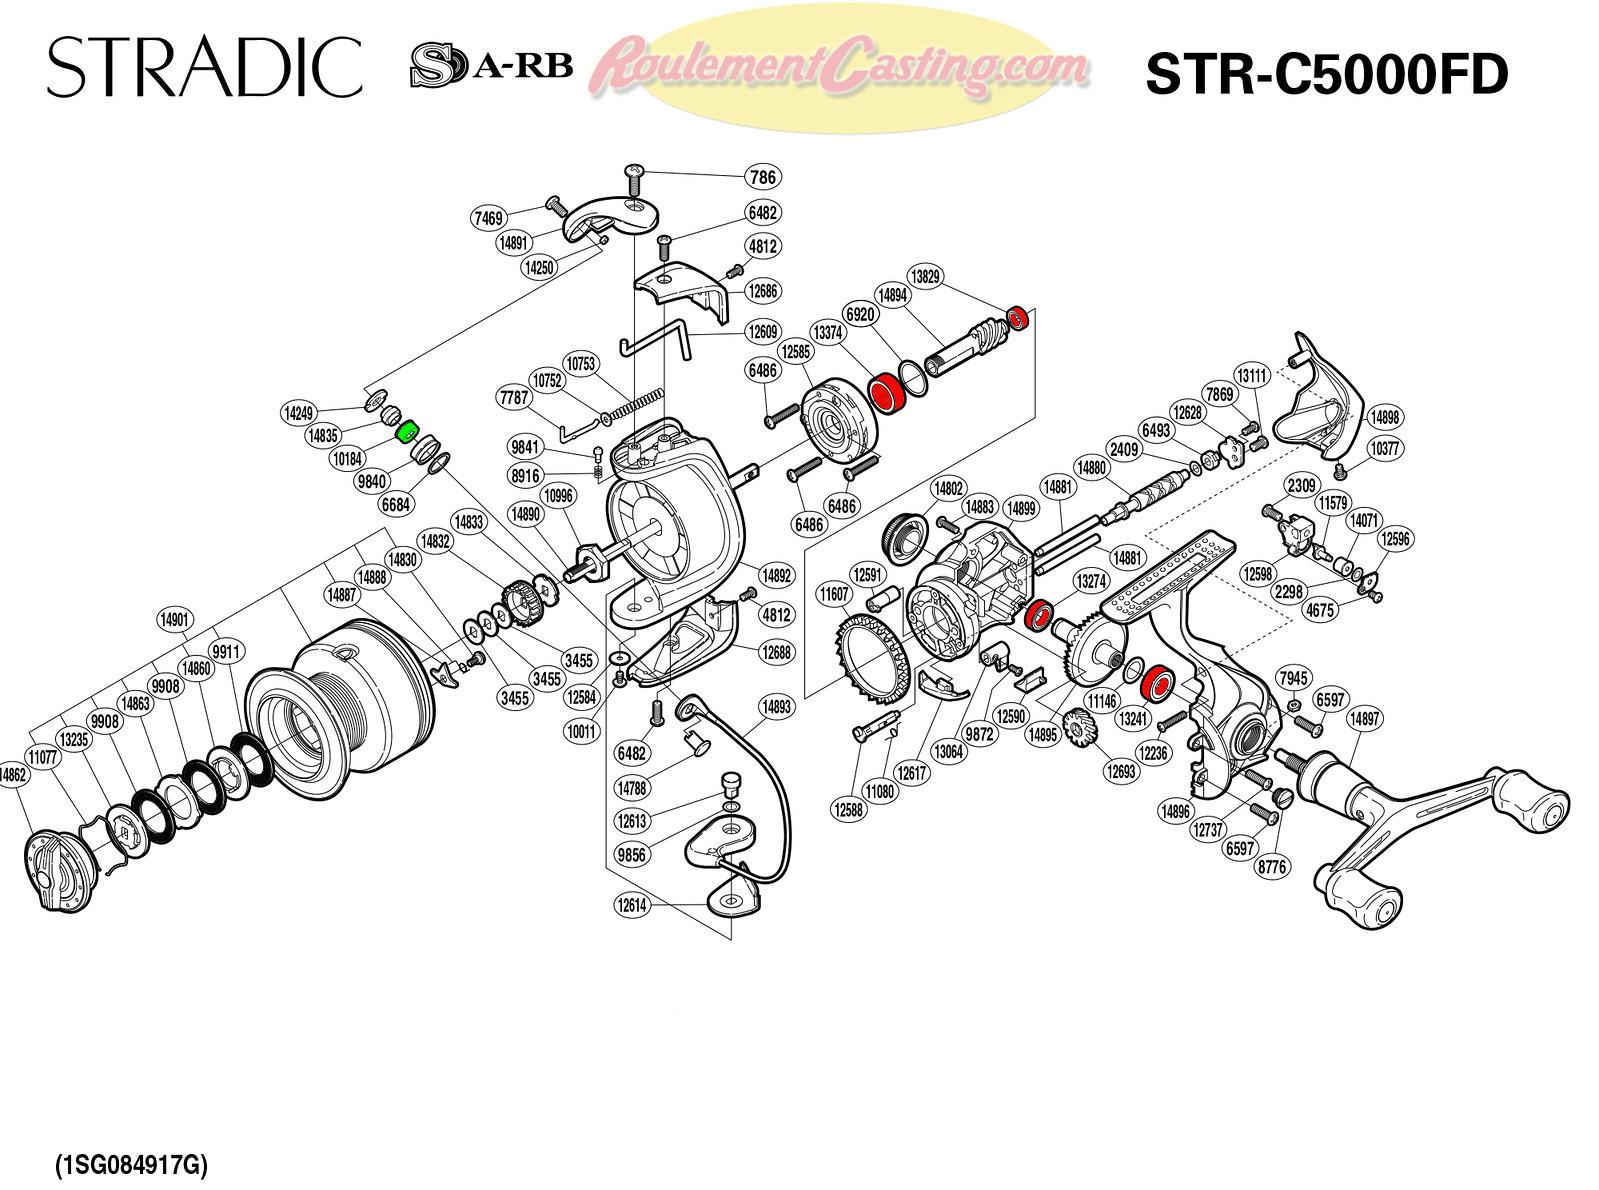 Schema-Stradic-C5000FD